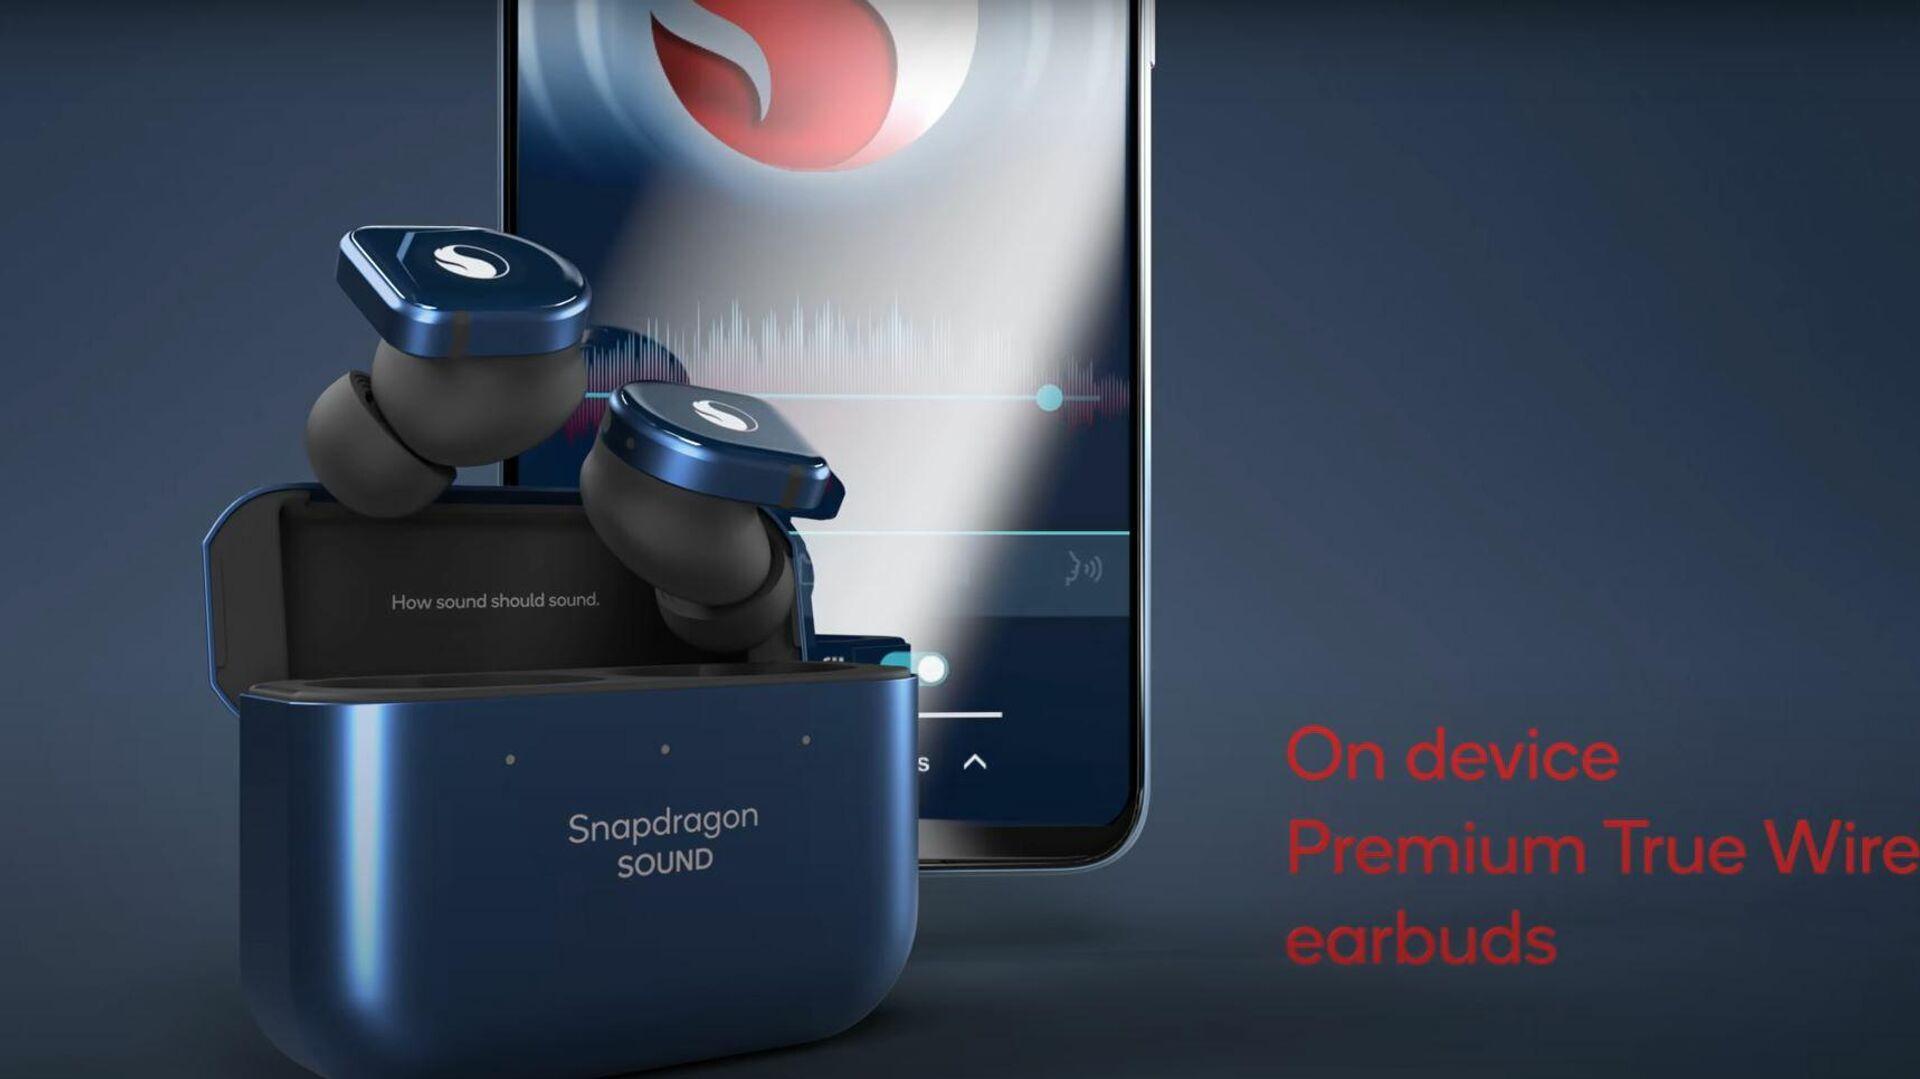 Los auriculares que vienen con el Smartphone for Snapdragon Insiders de Qualcom - Sputnik Mundo, 1920, 11.07.2021